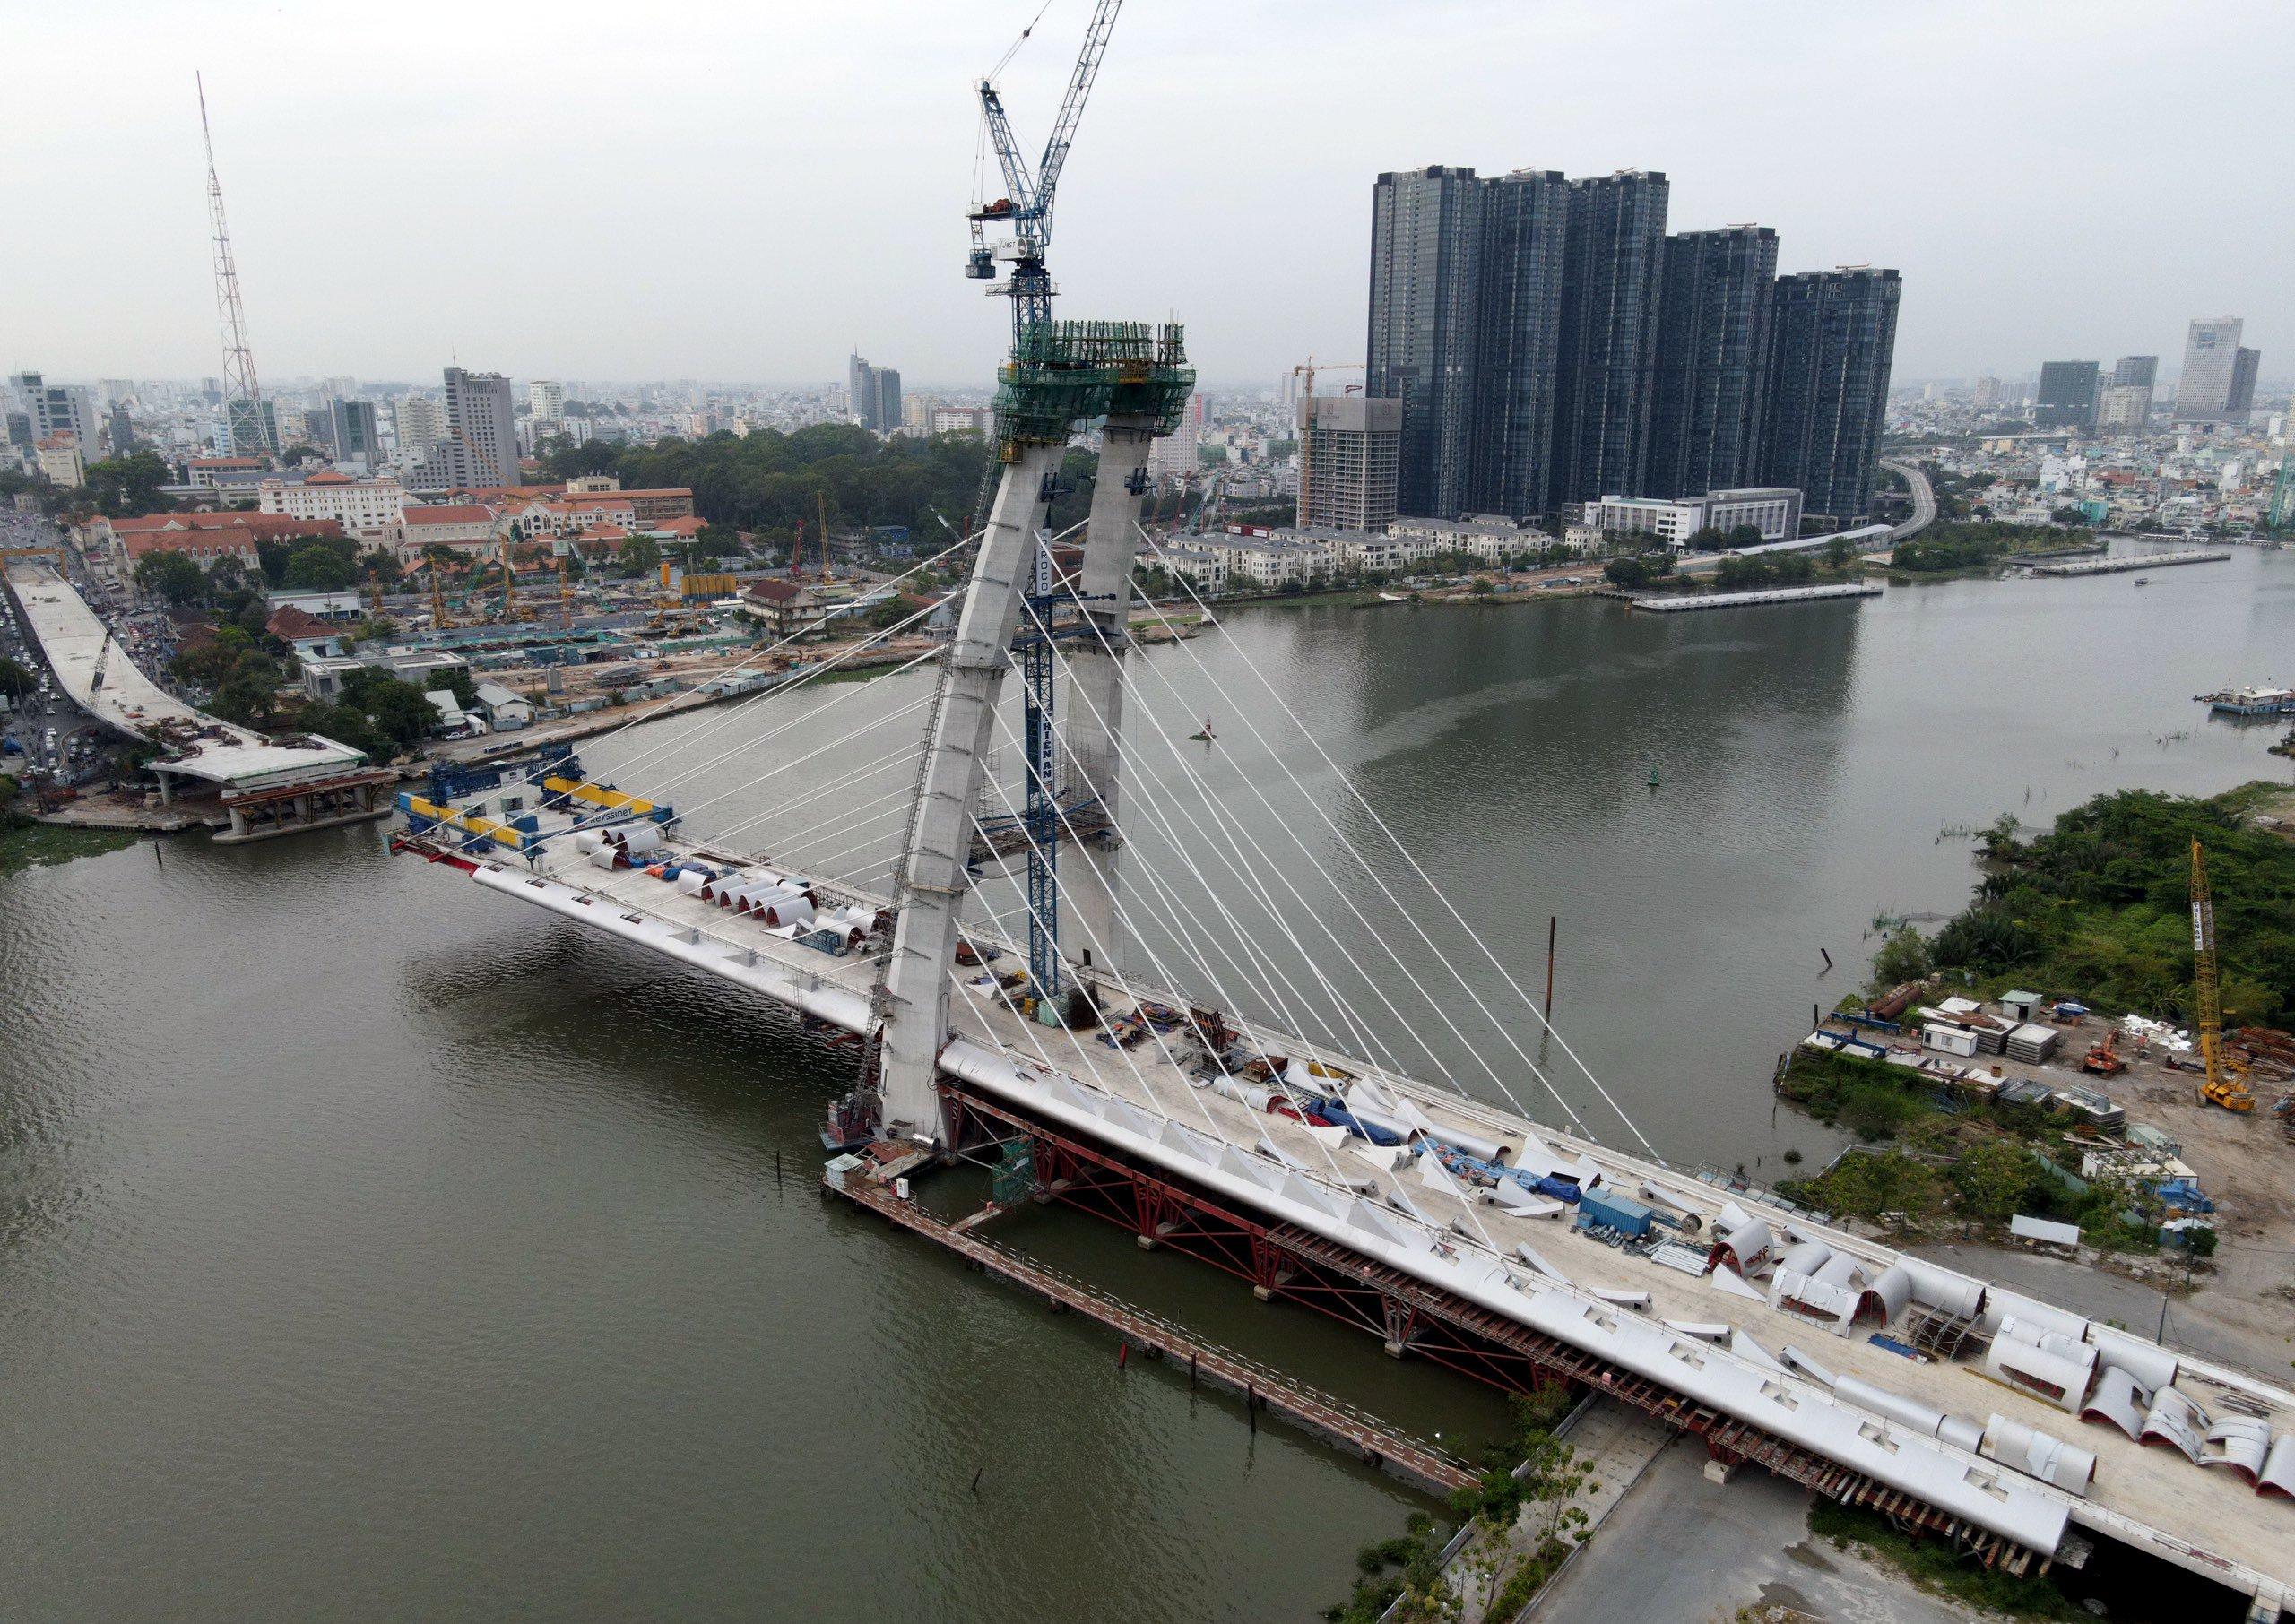 Cận cảnh hạ tầng kết nối TP HCM và TP Thủ Đức sau 10 năm triển khai - Ảnh 9.